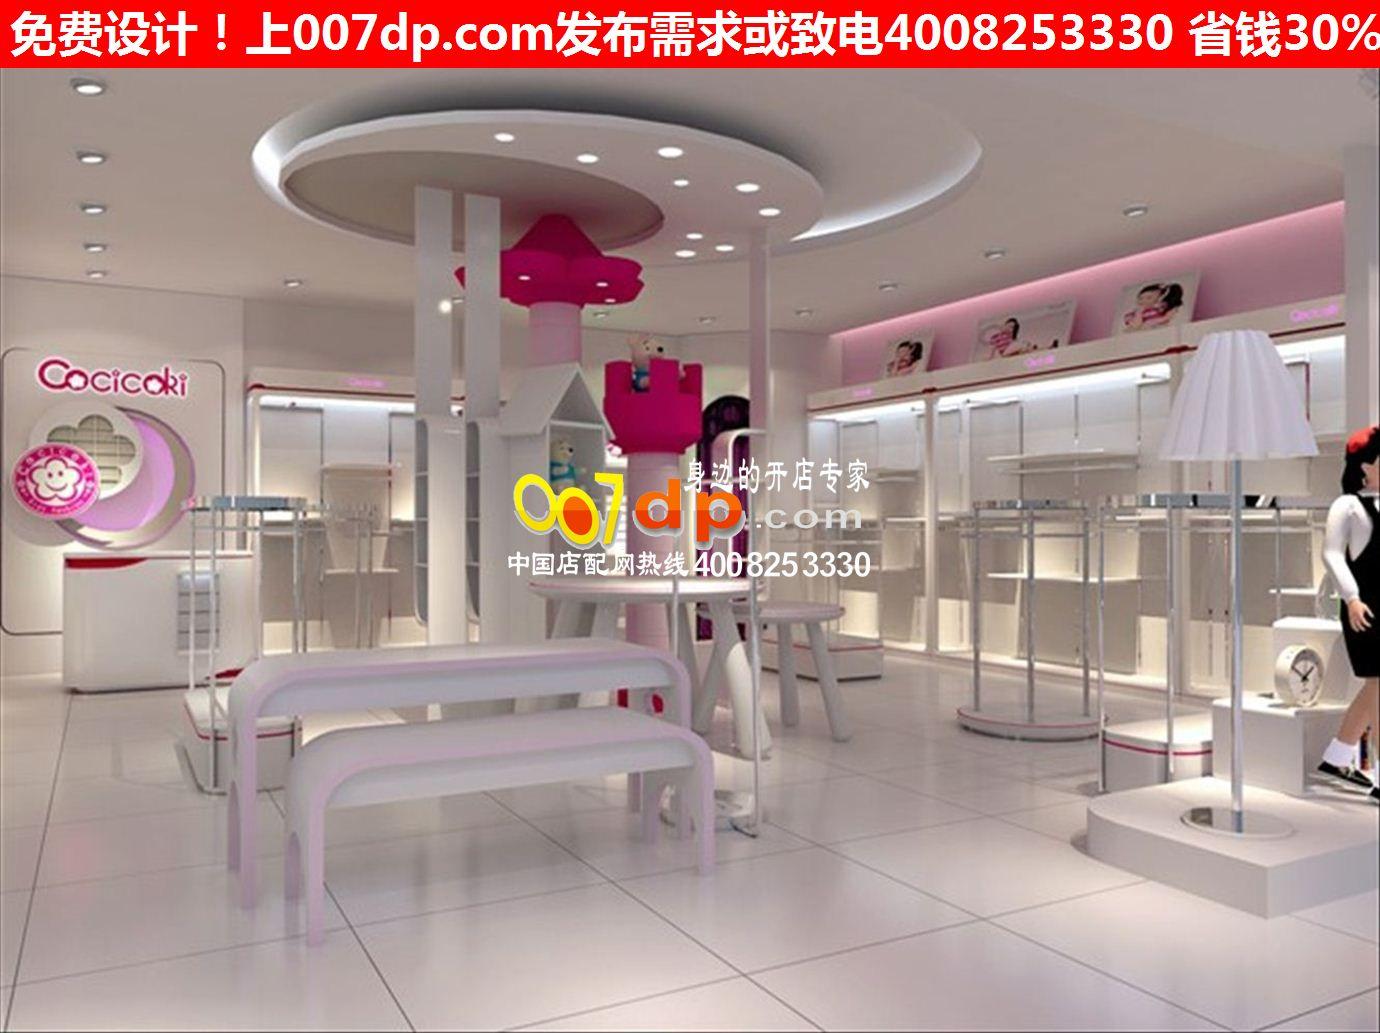 時尚服裝店裝修貨架創意服裝展柜簡約服裝店裝修效果圖